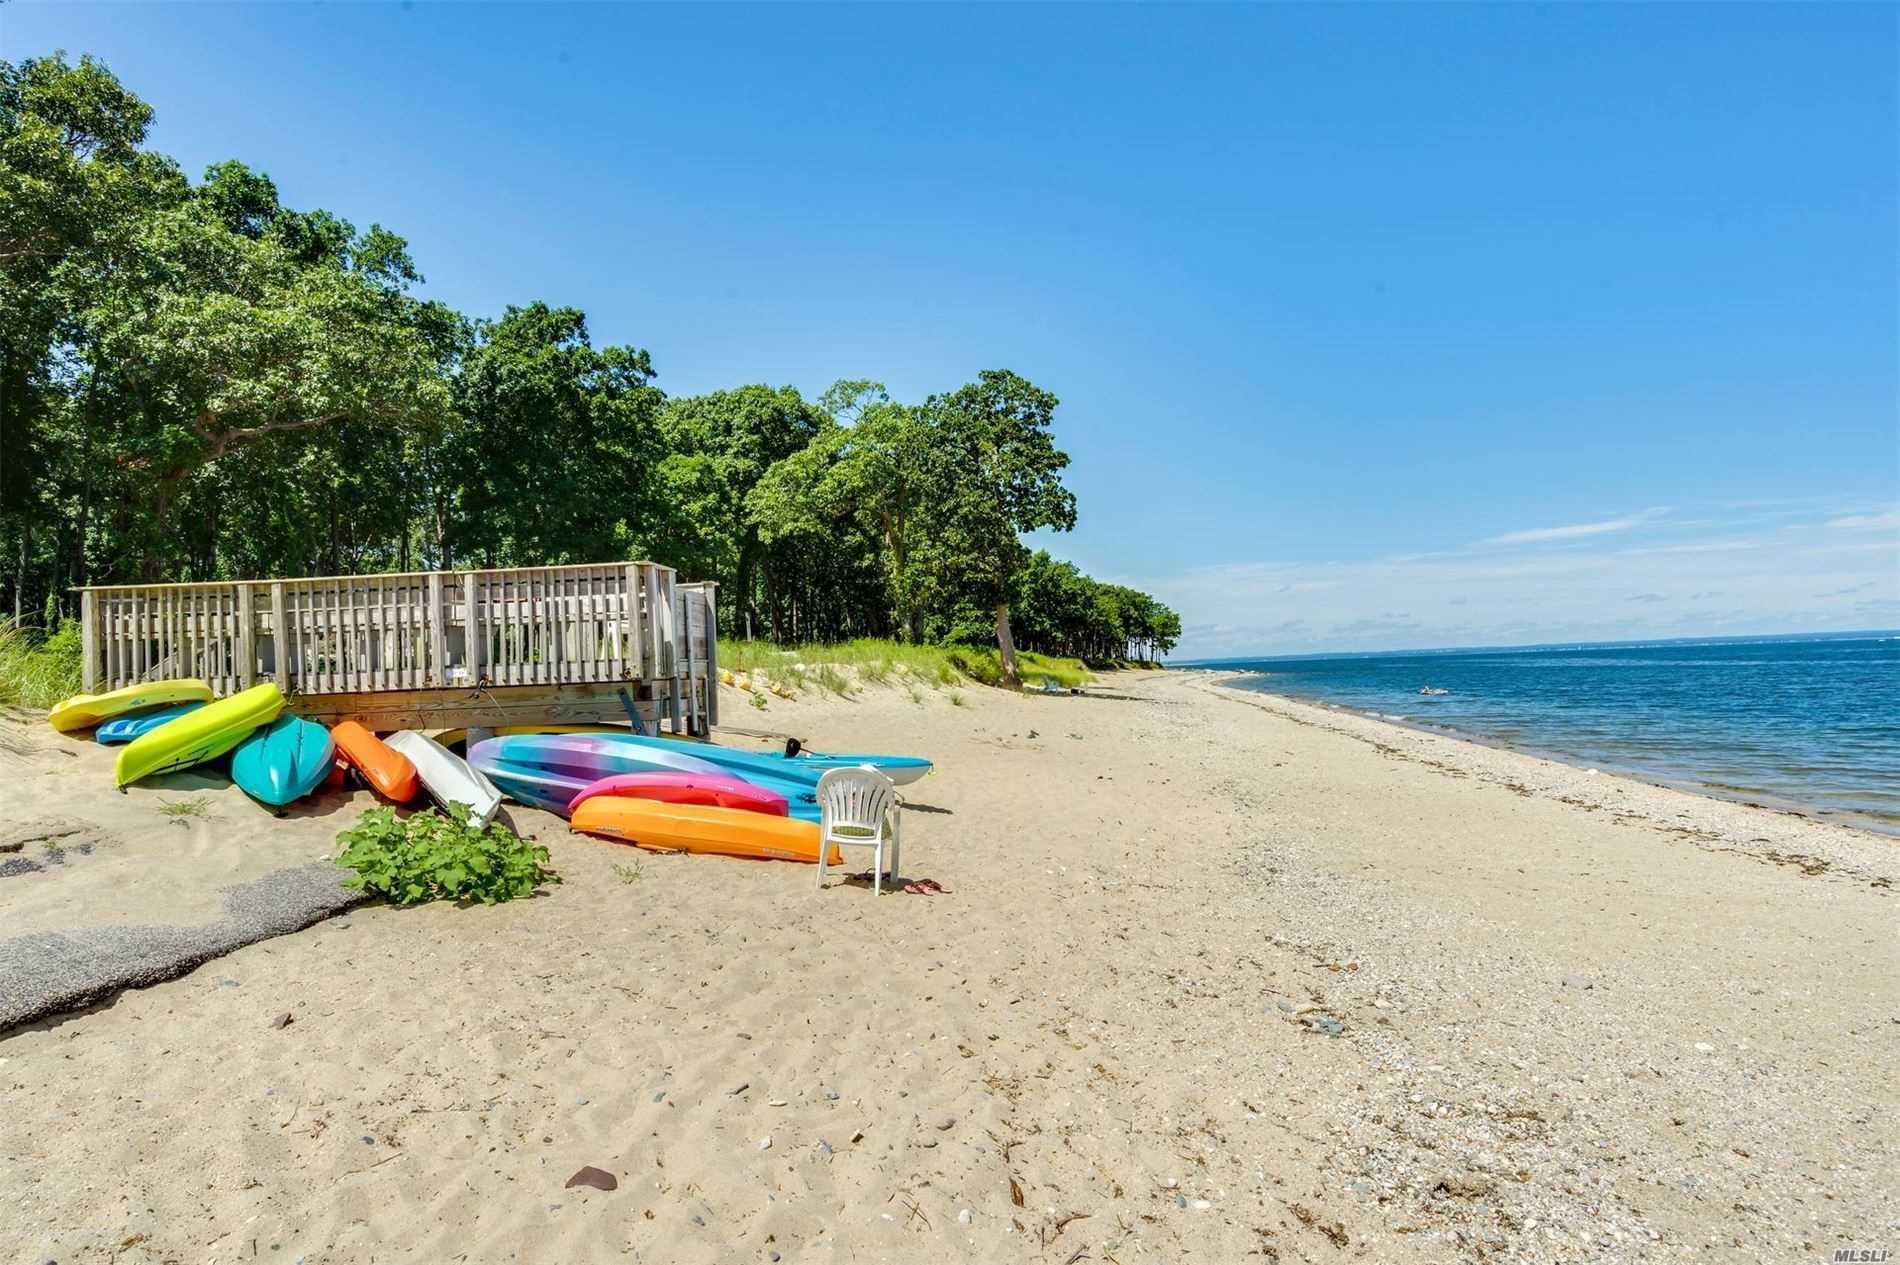 6 Horseshoe Path, Lloyd Harbor, NY 11743 - MLS#3239942 - Lucky to Live Here Realty - Lucky to Live Here Realty